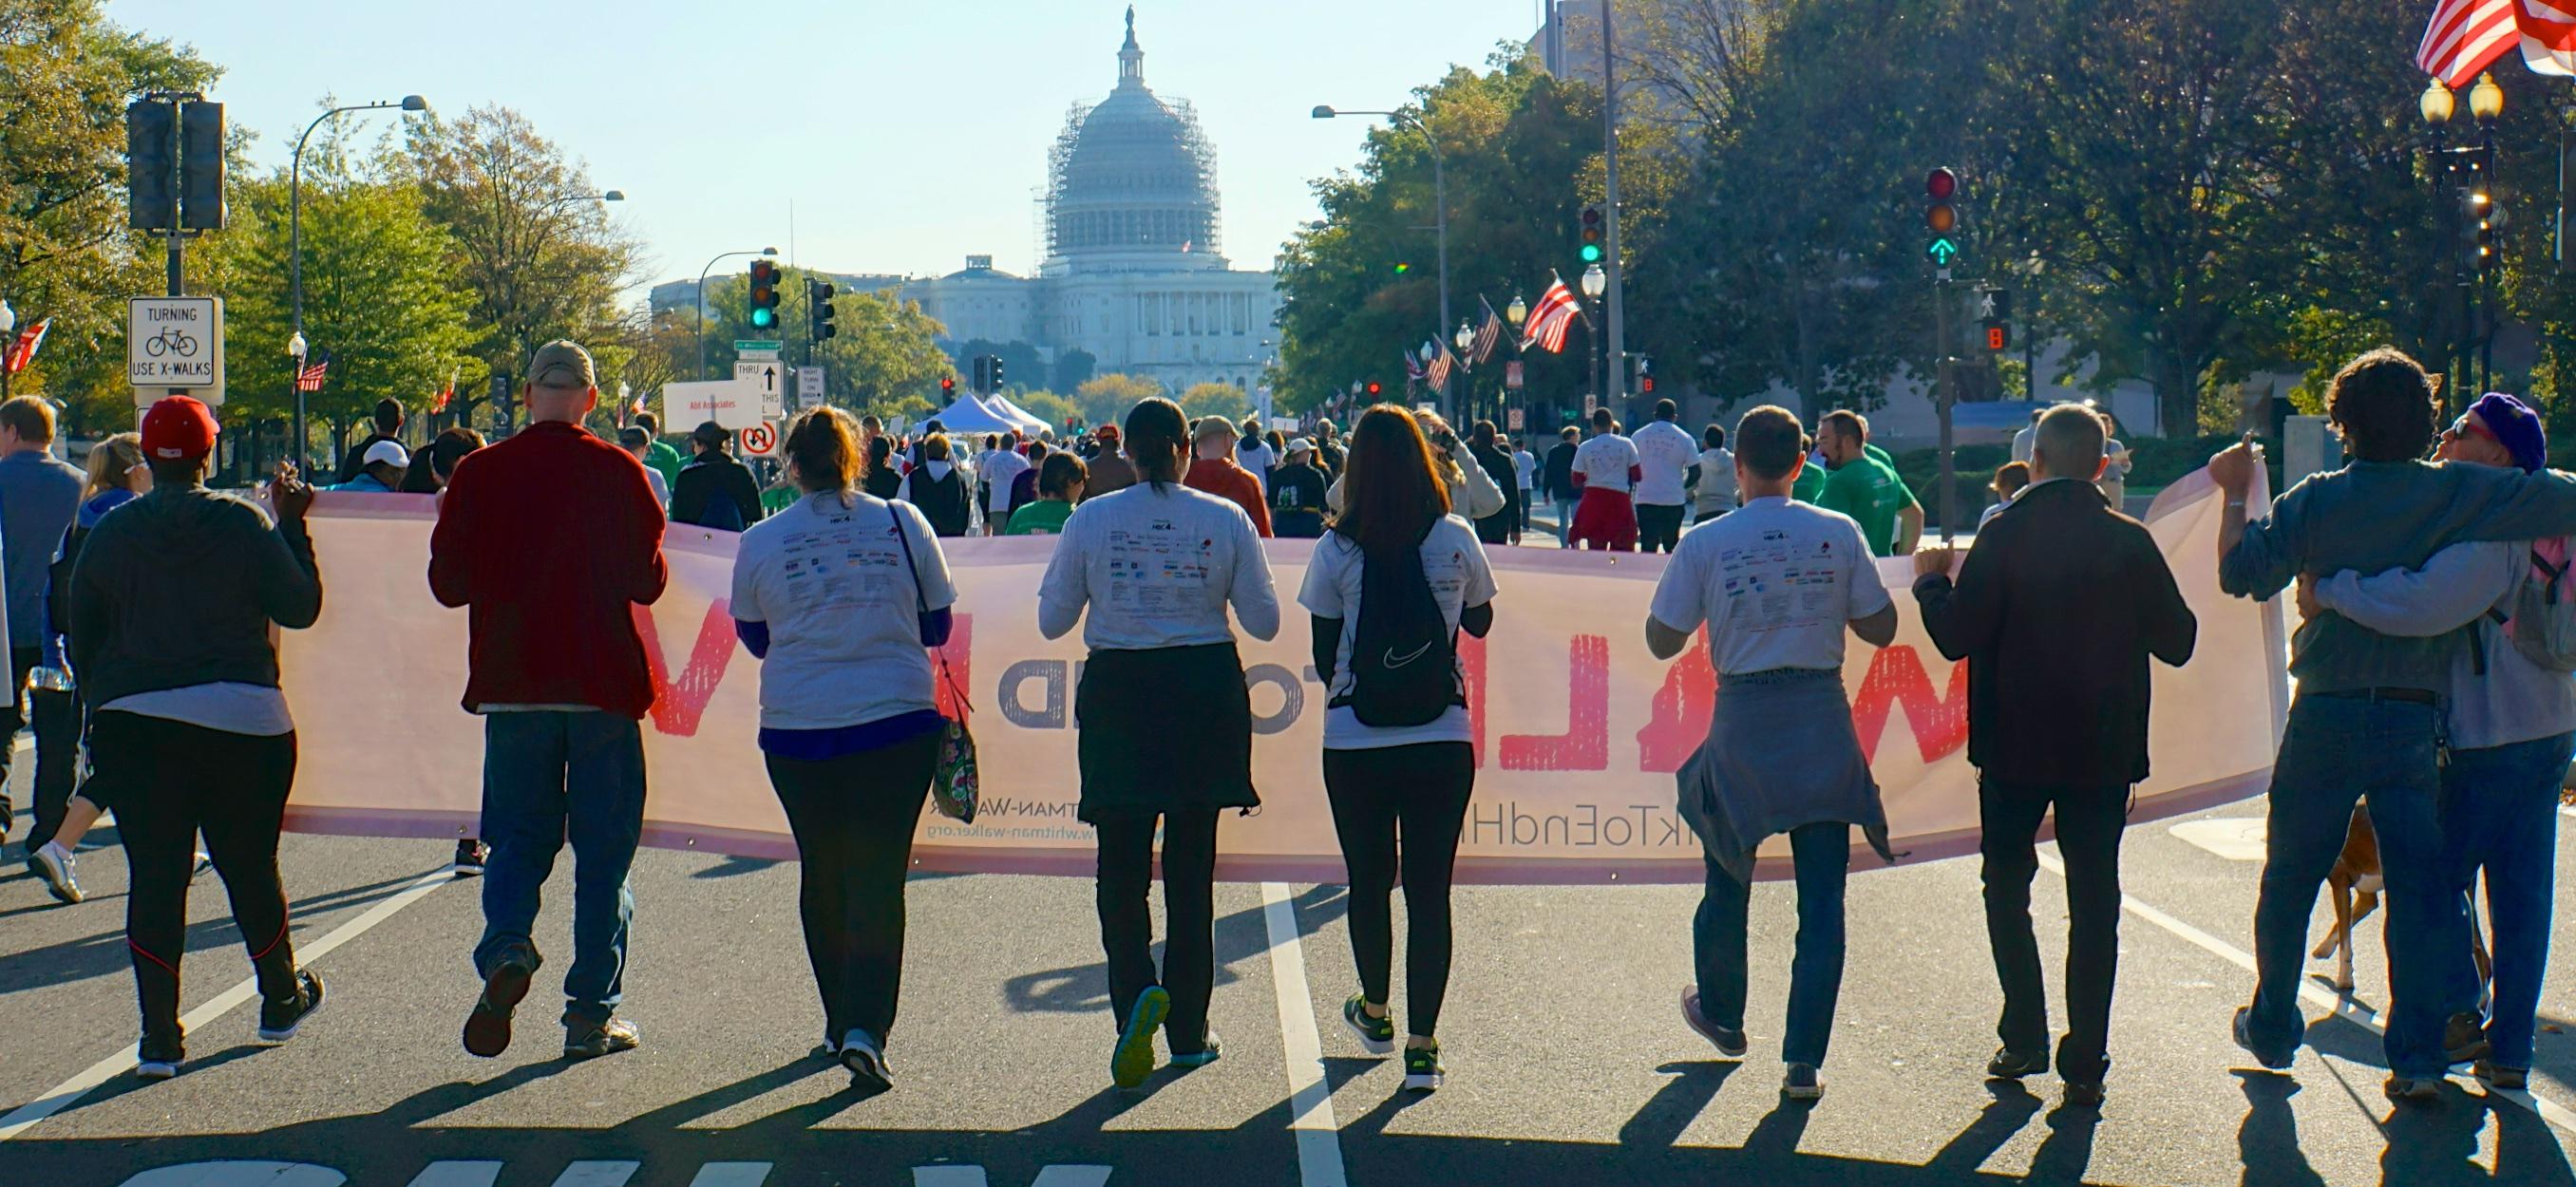 Walk to End HIV Washington DC USA 49222